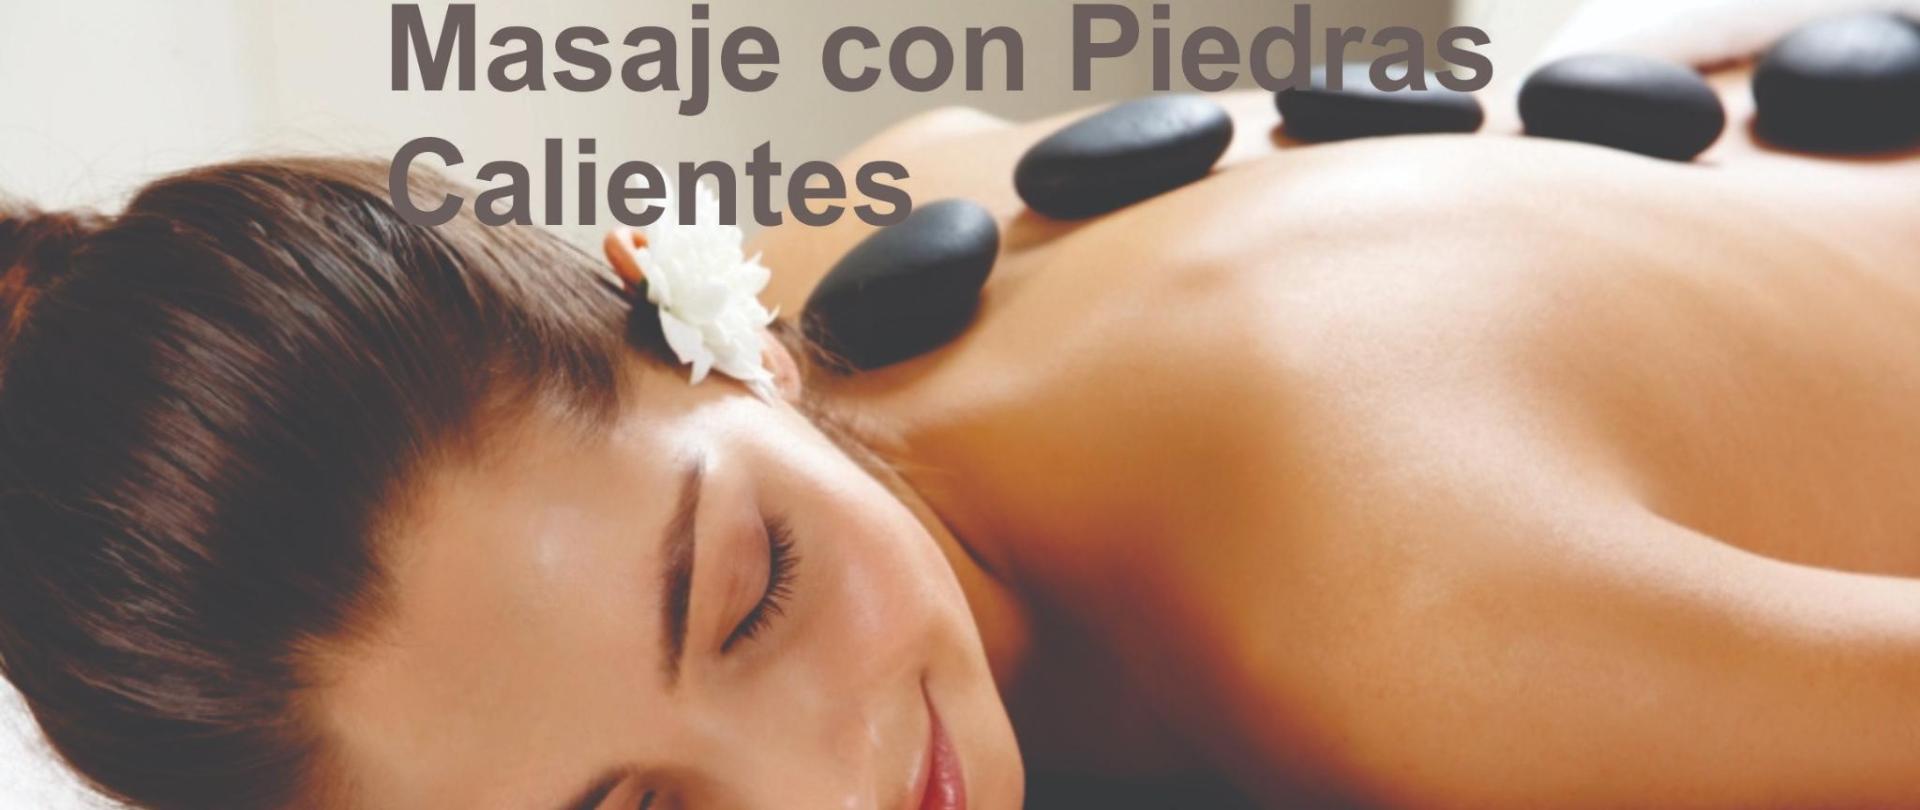 masaje con piedras.jpg